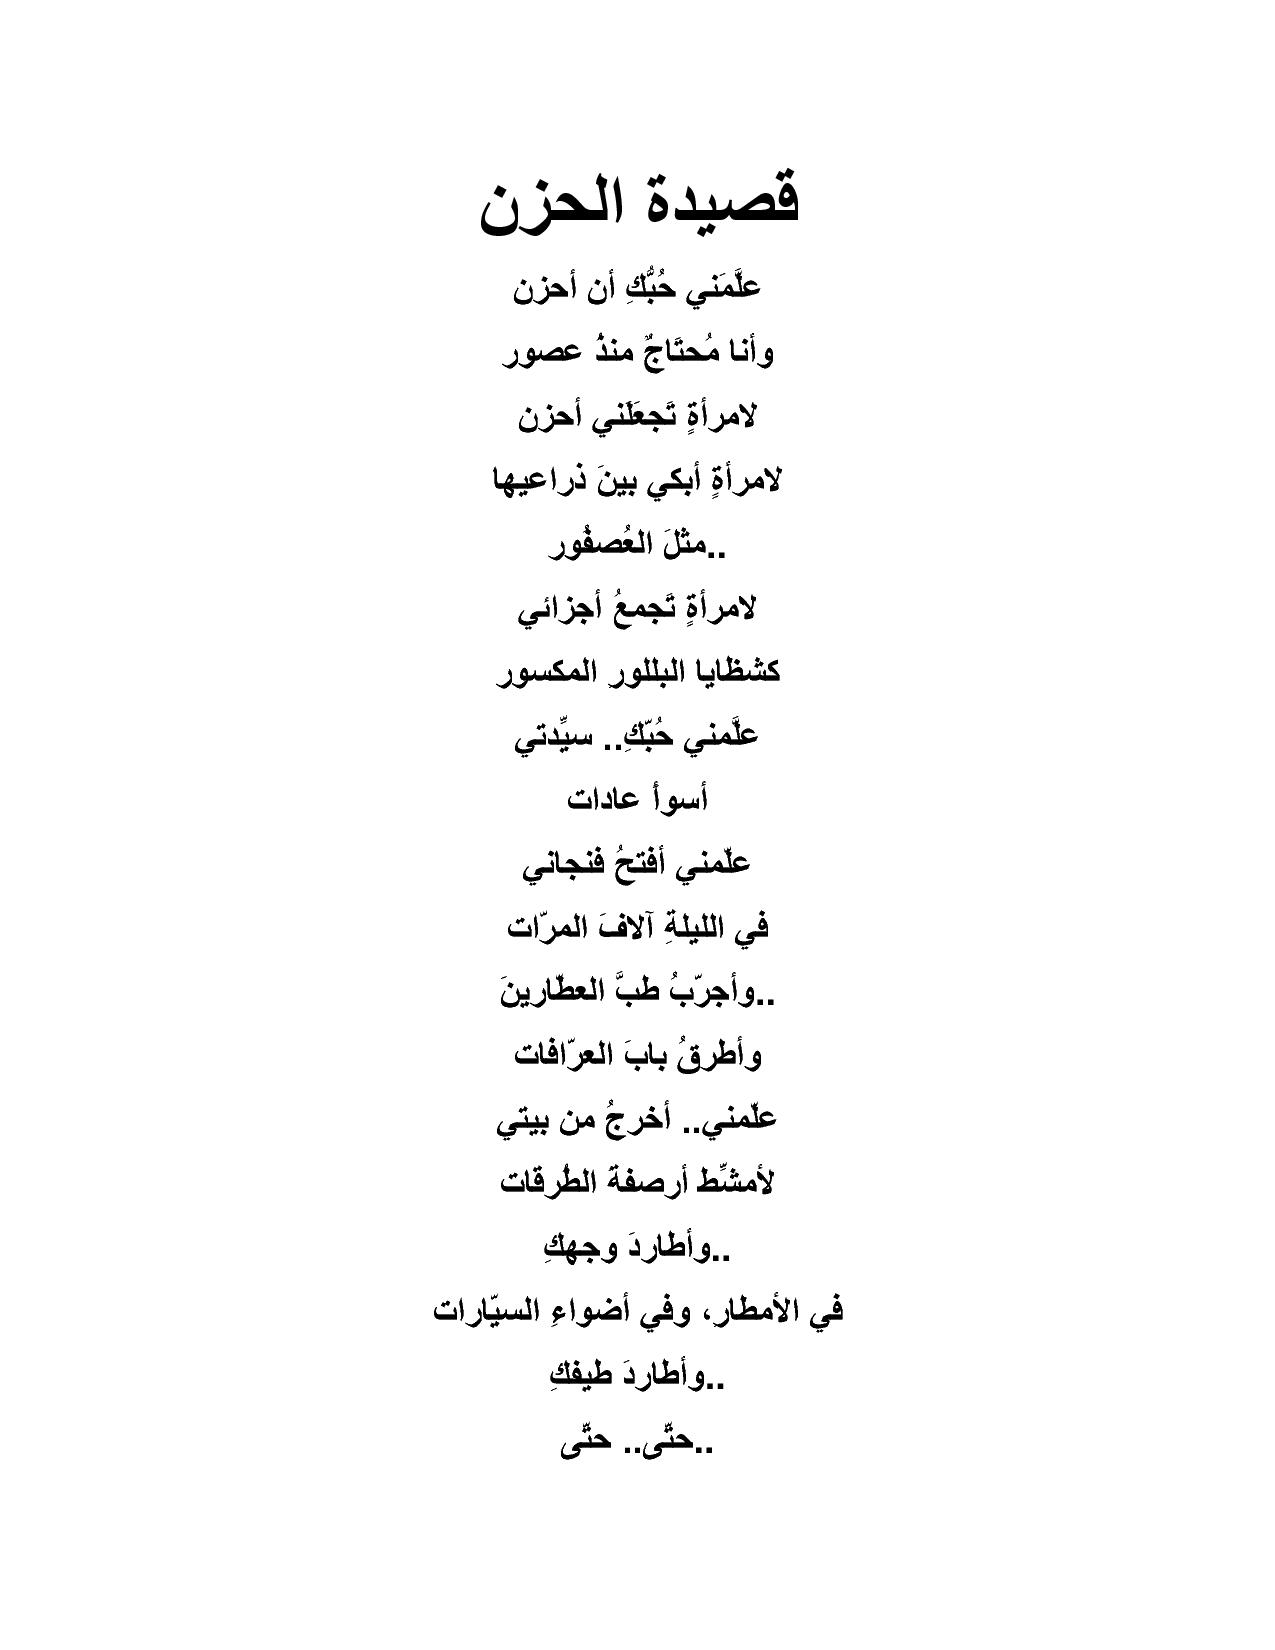 بالصور قصائد الحزن قصيدة الحزن 20160910 184